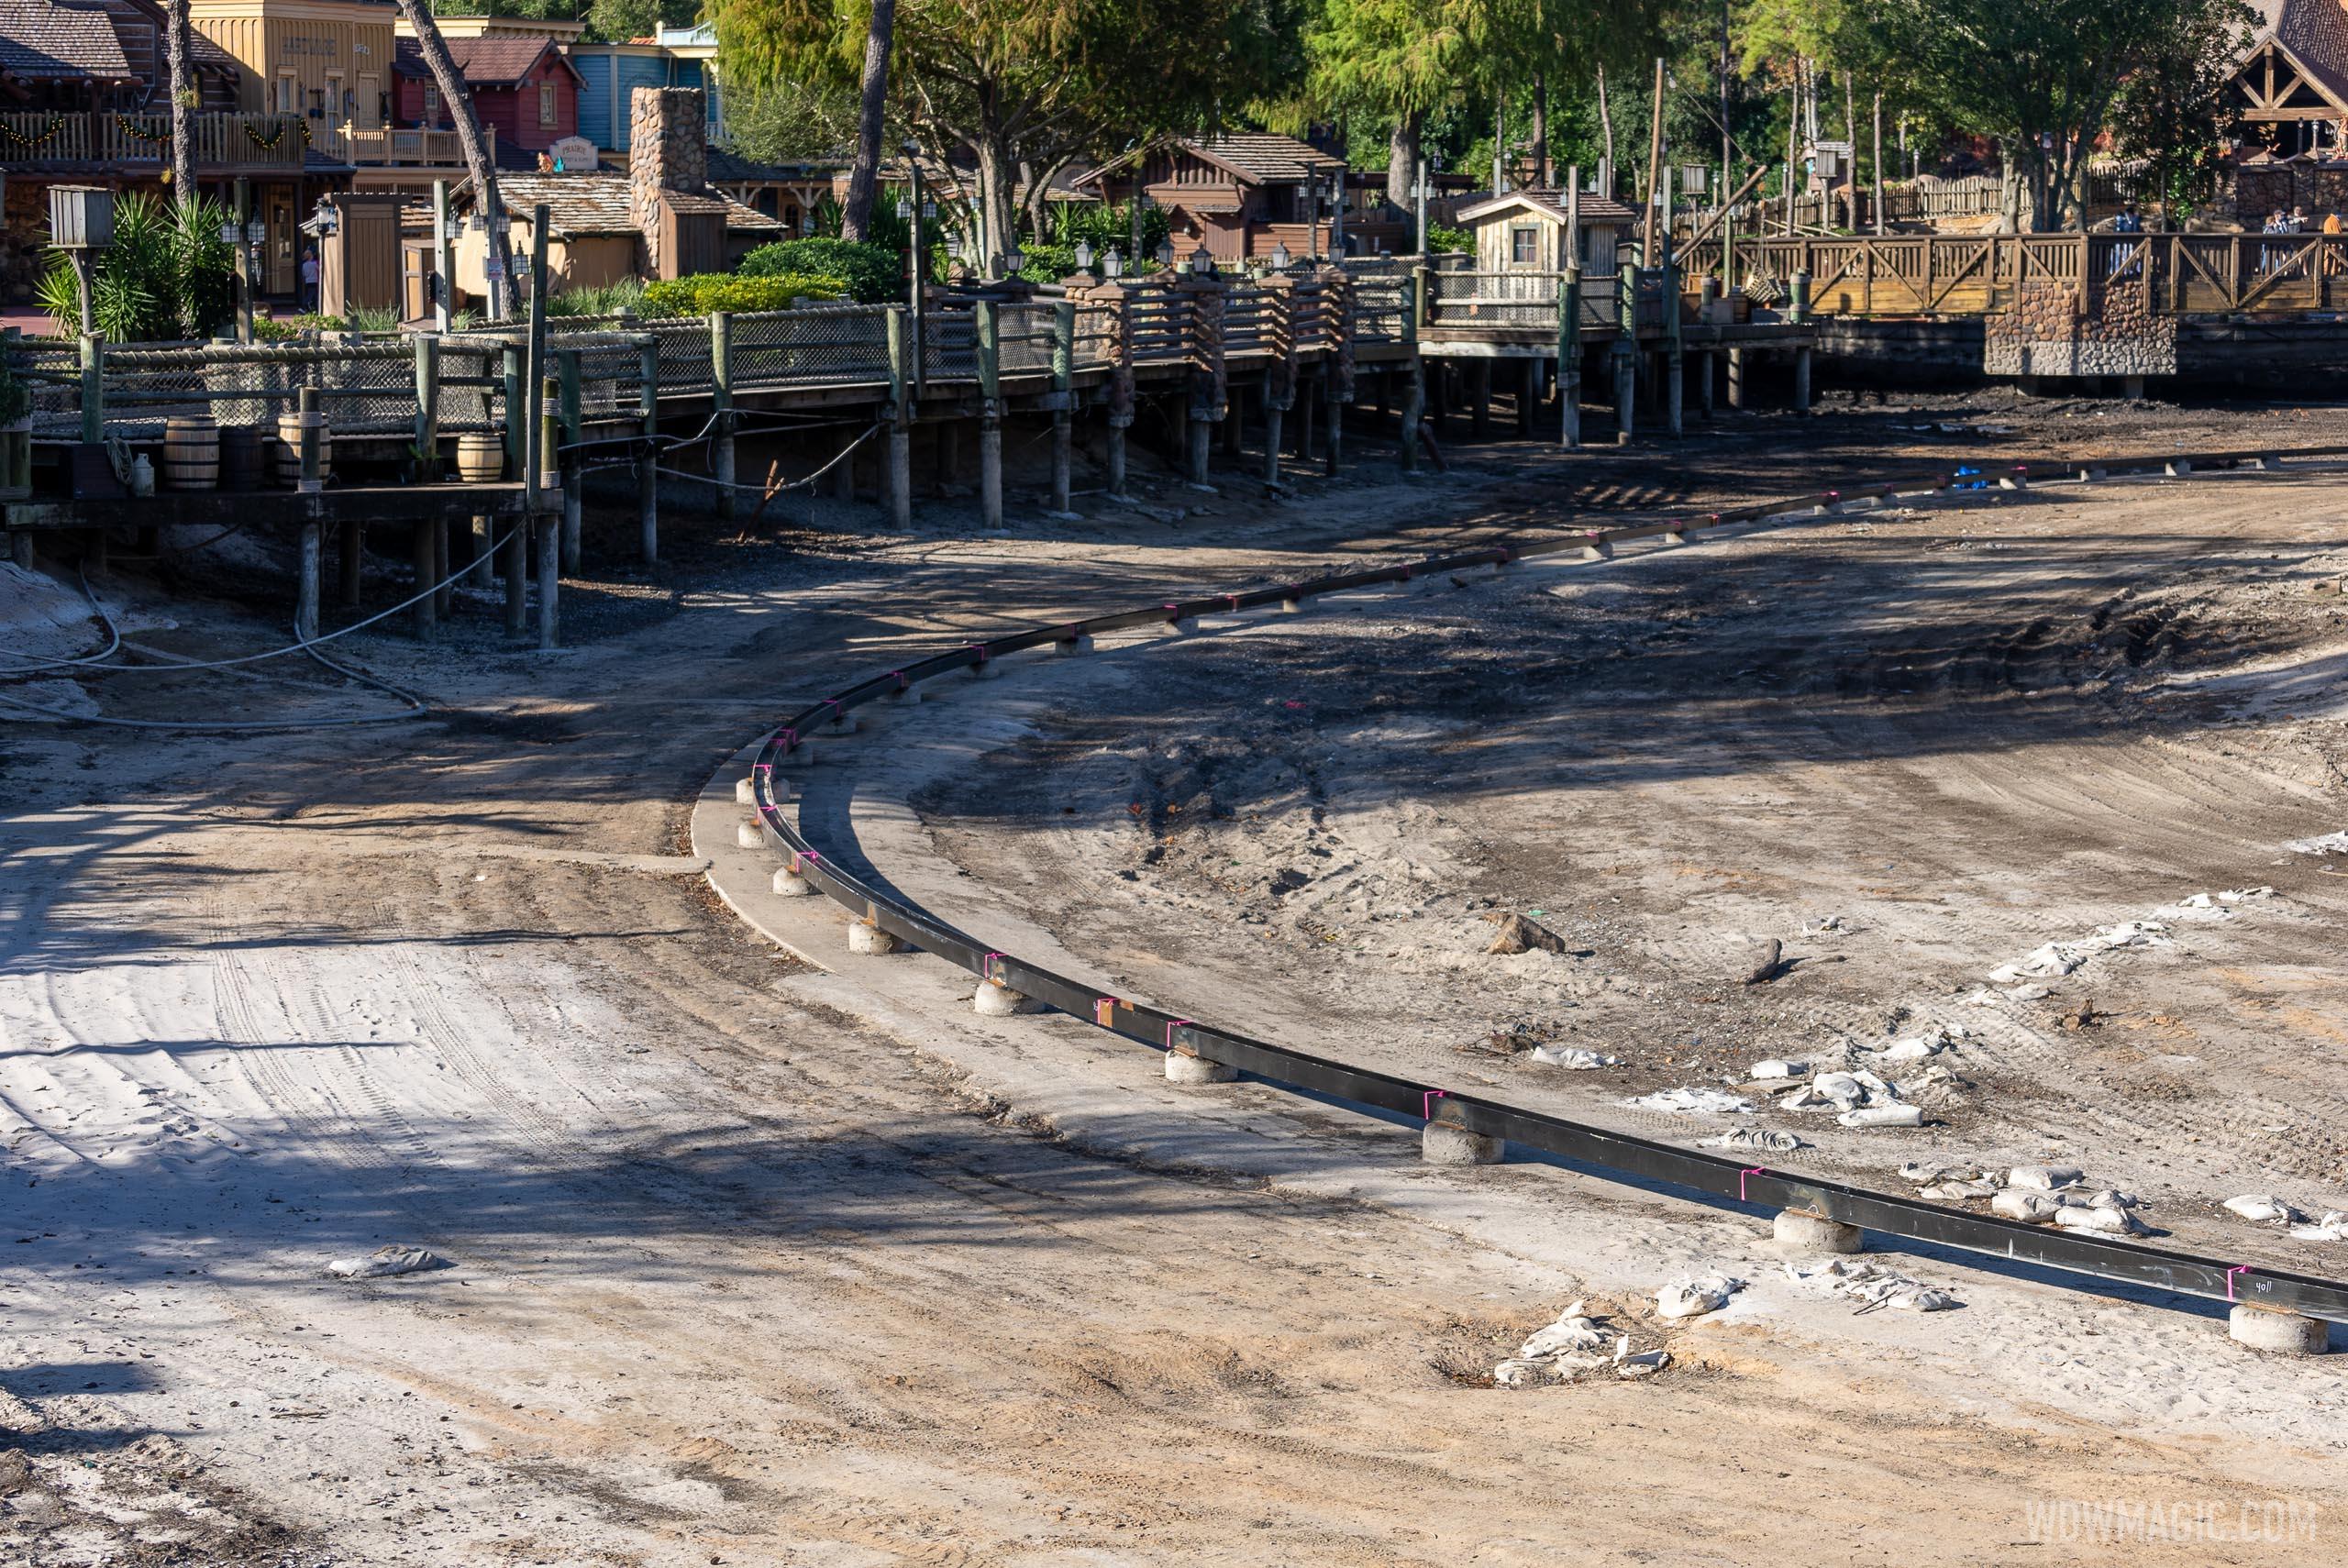 Rivers of America refurbishment - December 2 2020